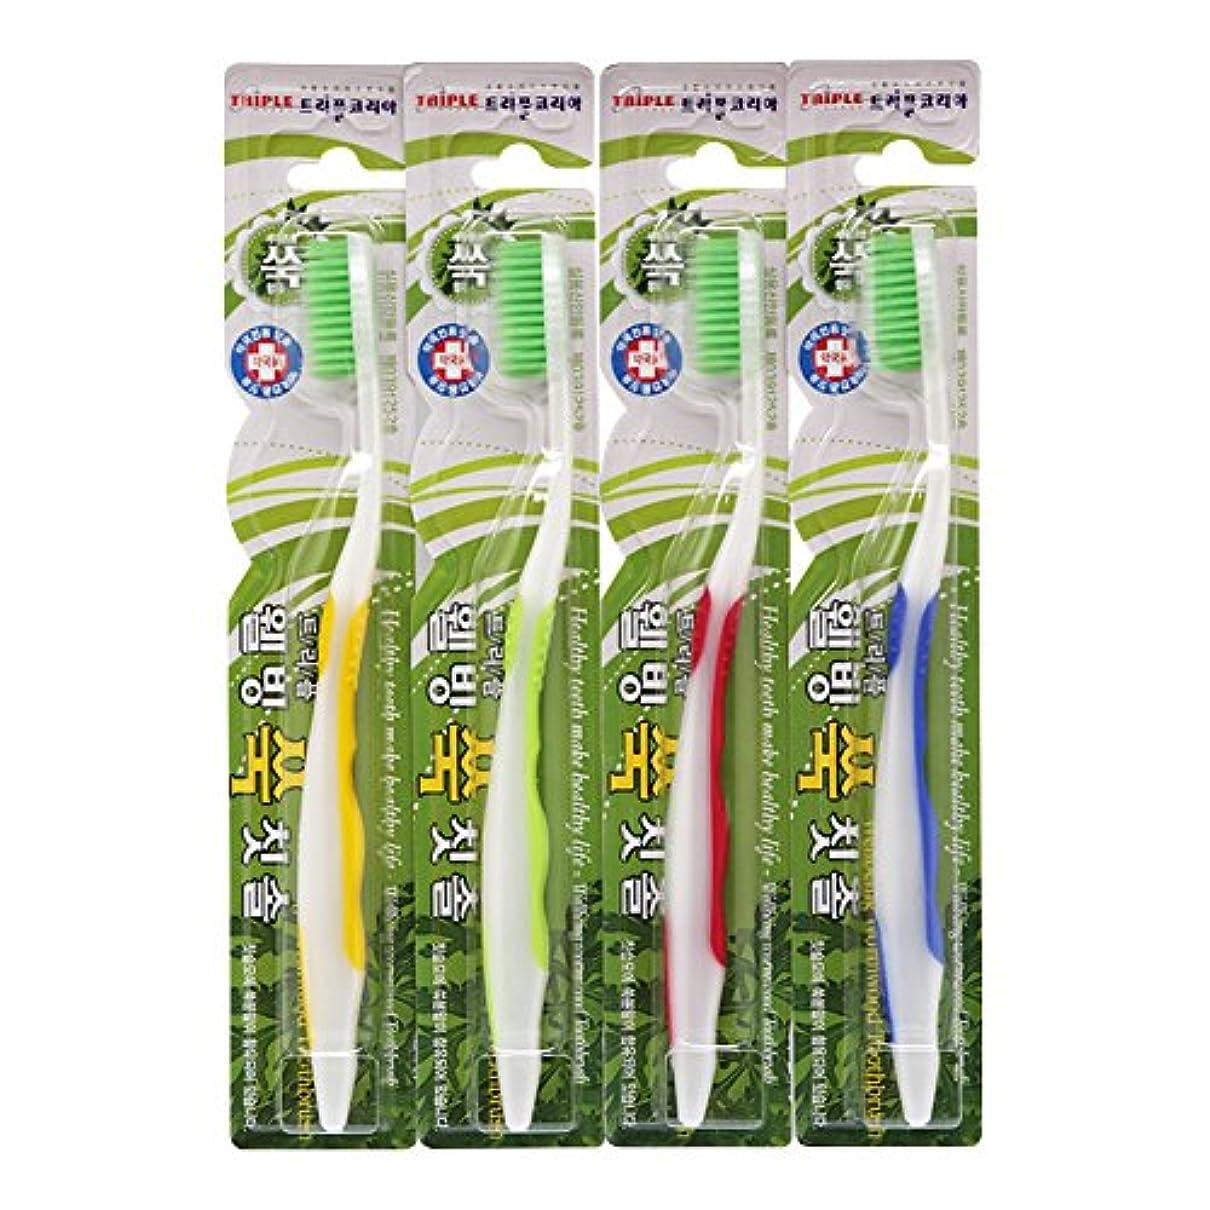 成功するよりすり減るTRIPLE KOREA ウェルビーイングよもぎグ歯ブラシ4本セット よもぎ成分配合 極細毛 抗菌毛